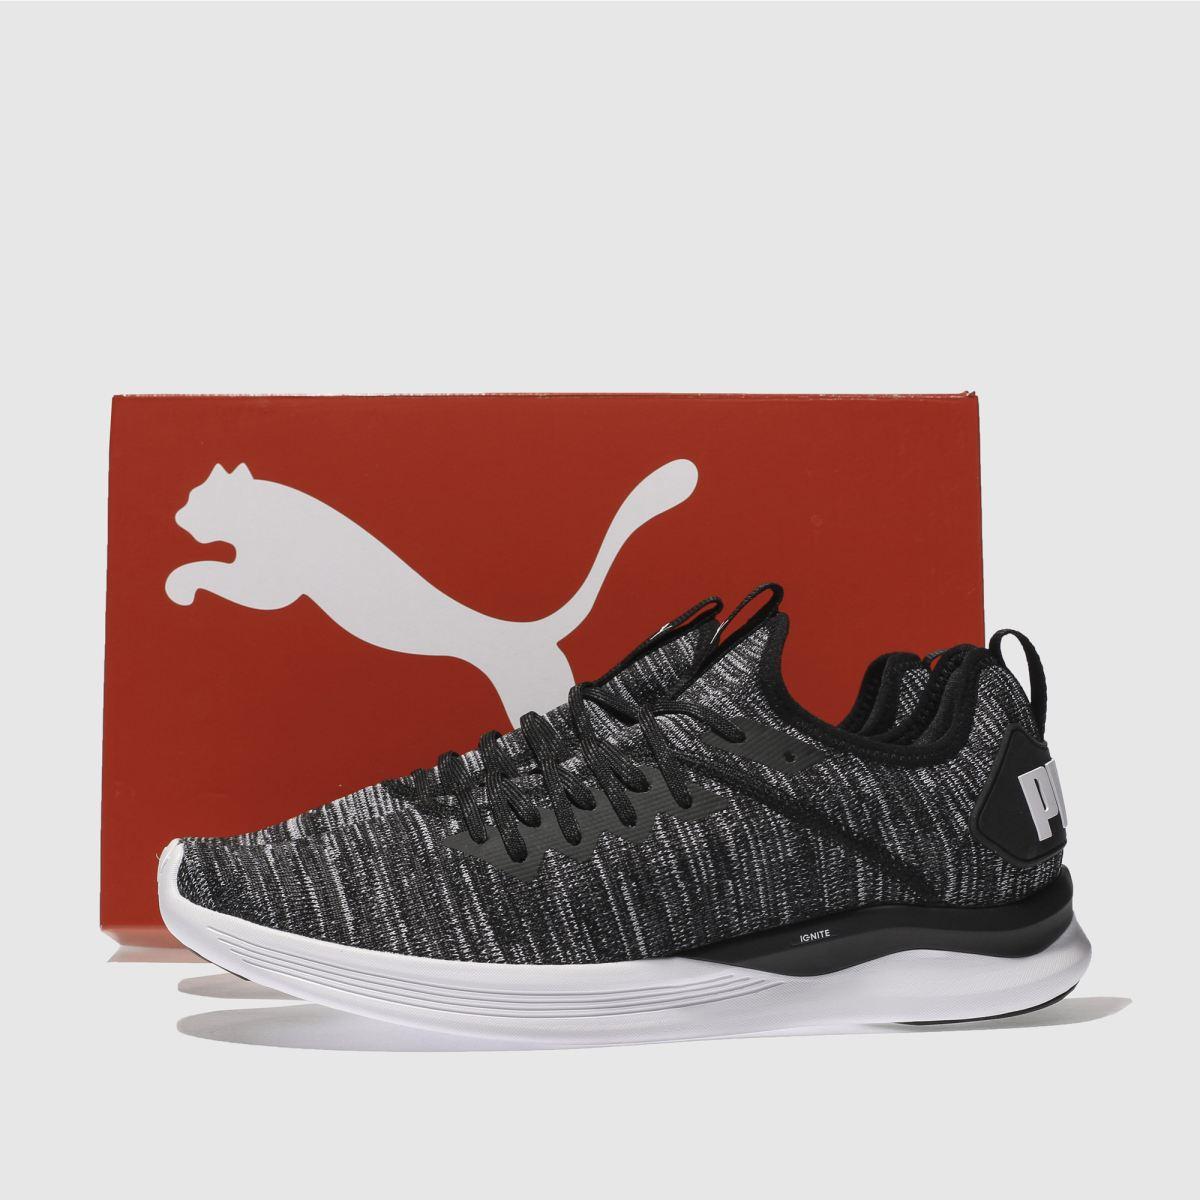 Herren Schwarz-weiß puma | Ignite Flash Evoknit Sneaker | puma schuh Gute Qualität beliebte Schuhe 7c16a1